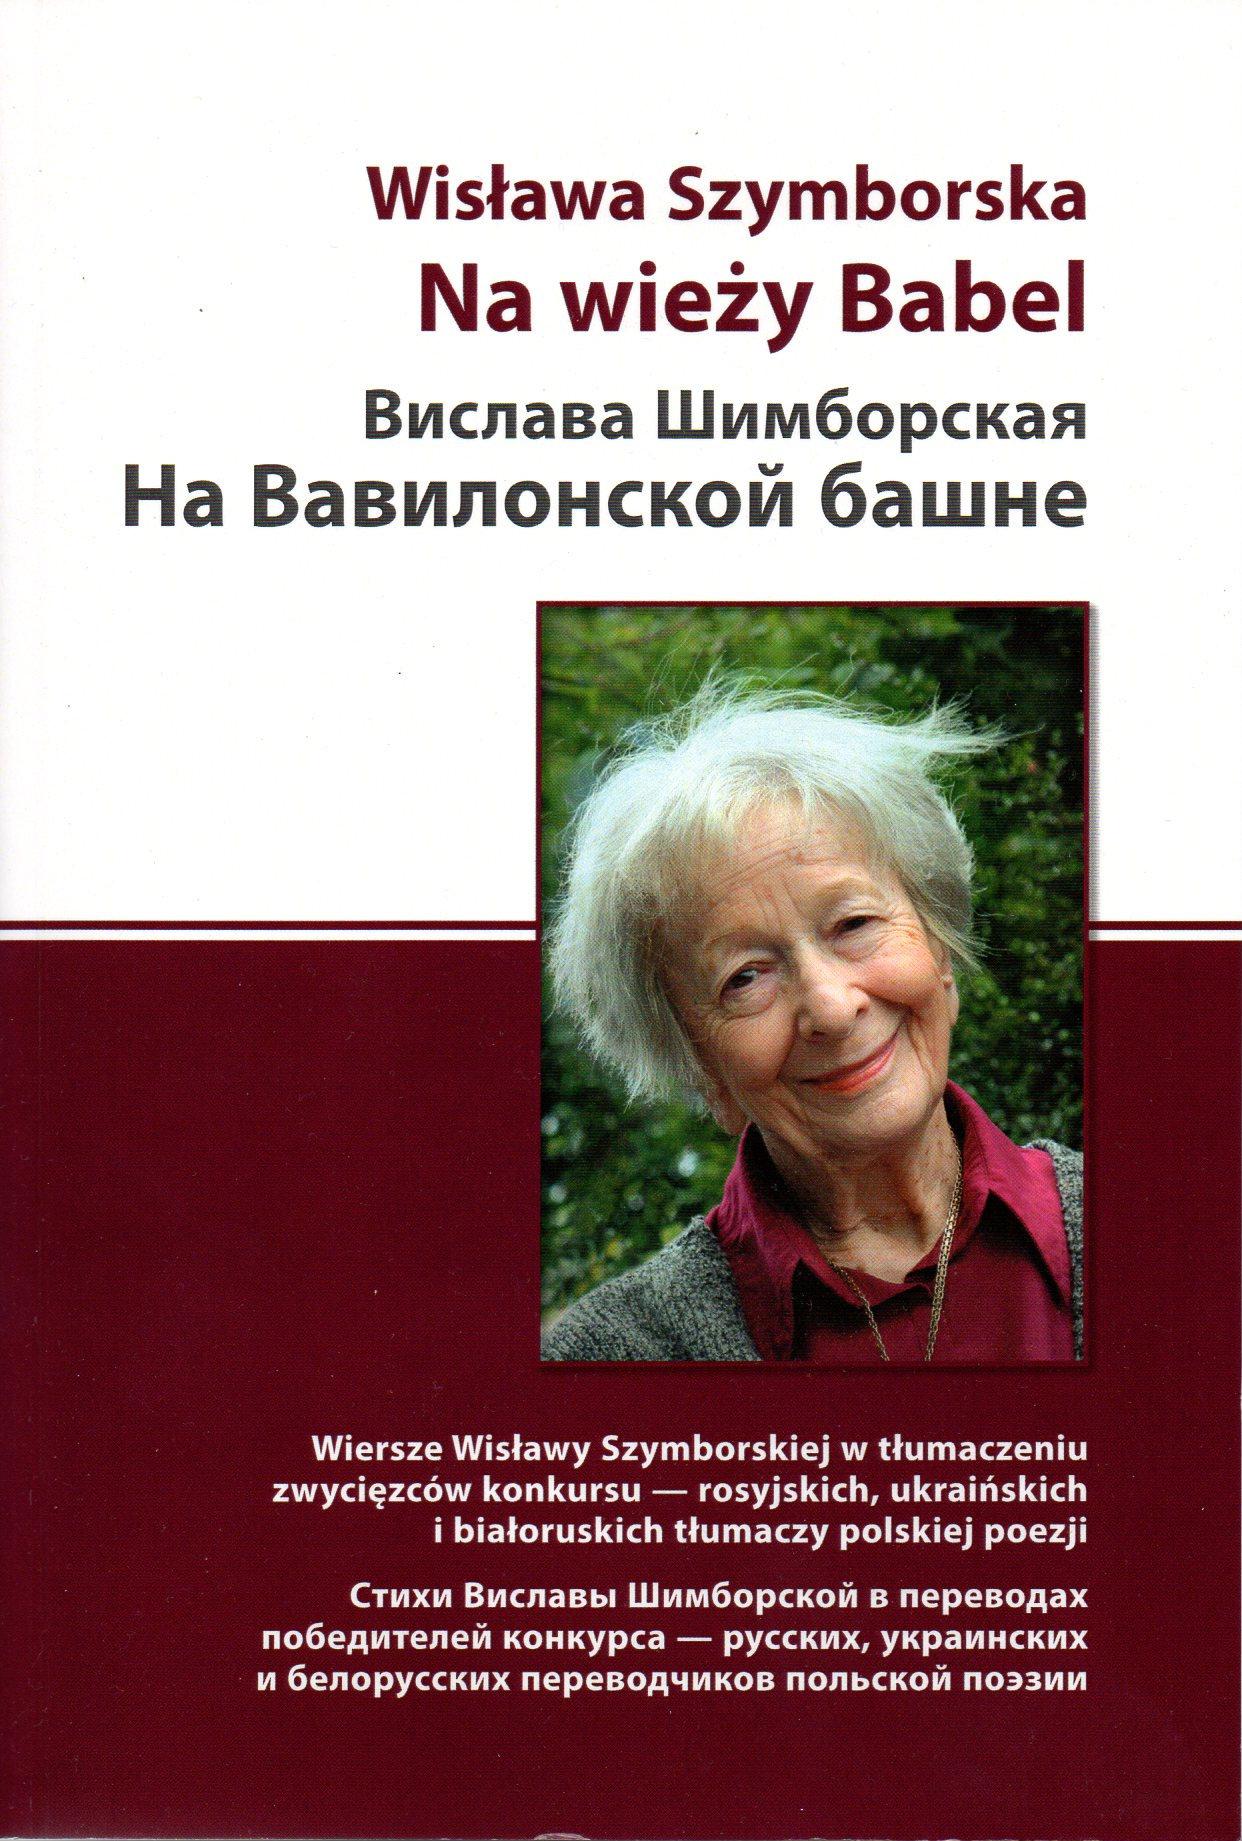 Fundacja Za Wolność Waszą I Naszą Wydała Książkę Wisławy